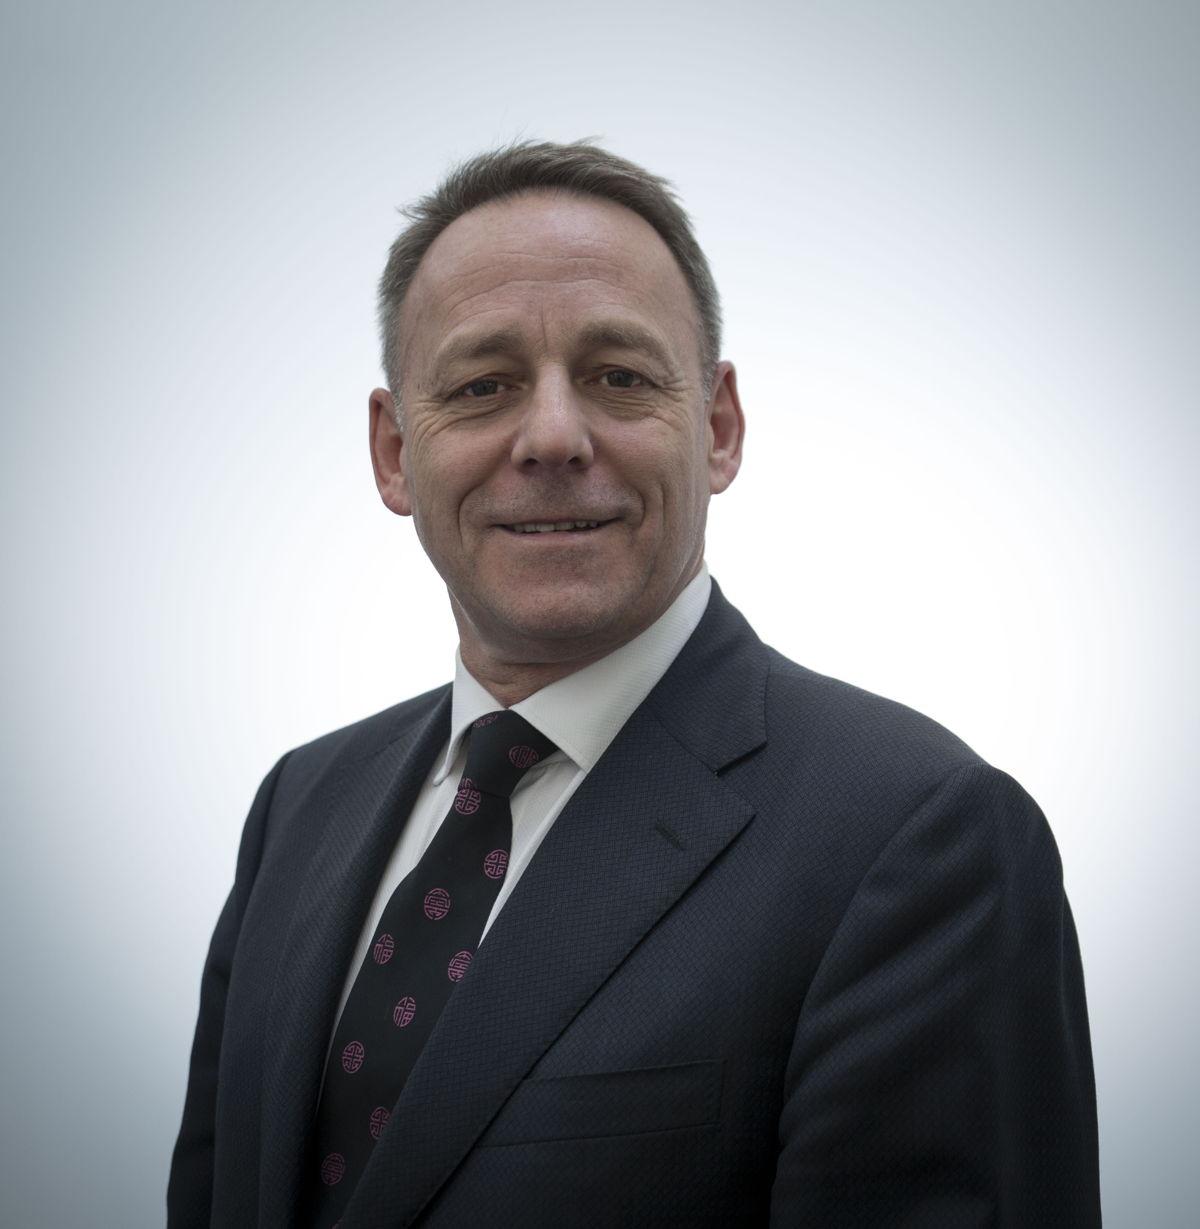 Dr. Geoff Nesbitt